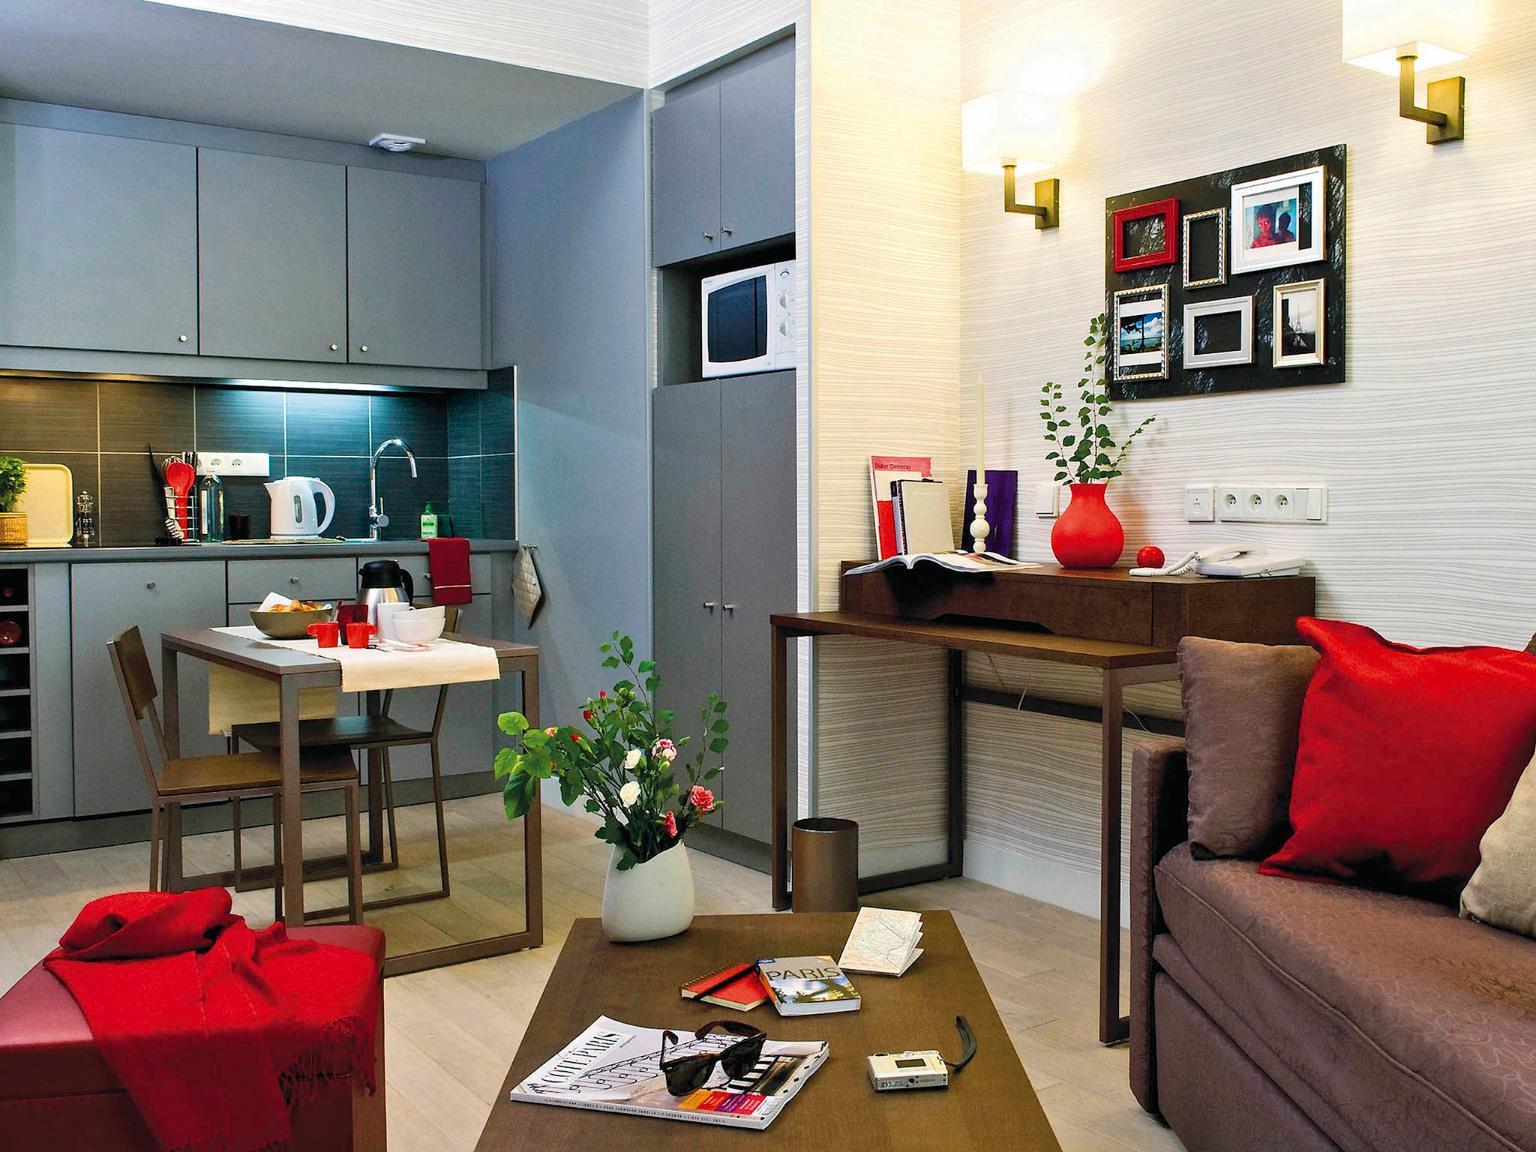 Aparthotel adagio paris op ra h tel 43 rue caumartin - Hotel paris chambre 4 personnes ...